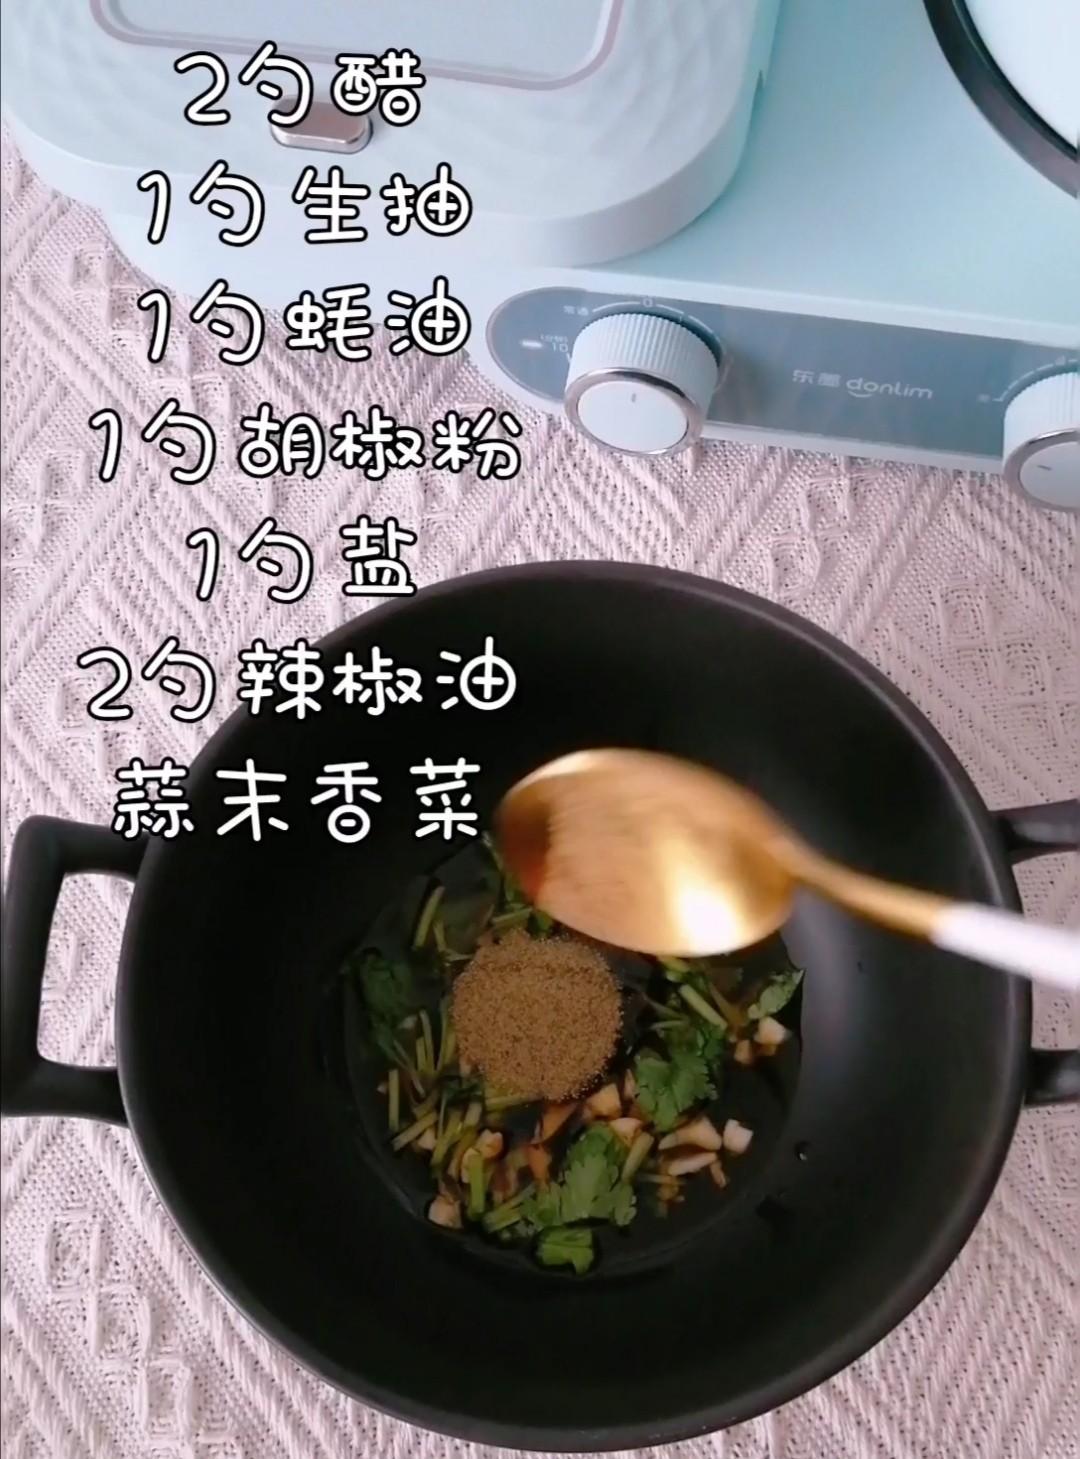 酸汤面的做法大全